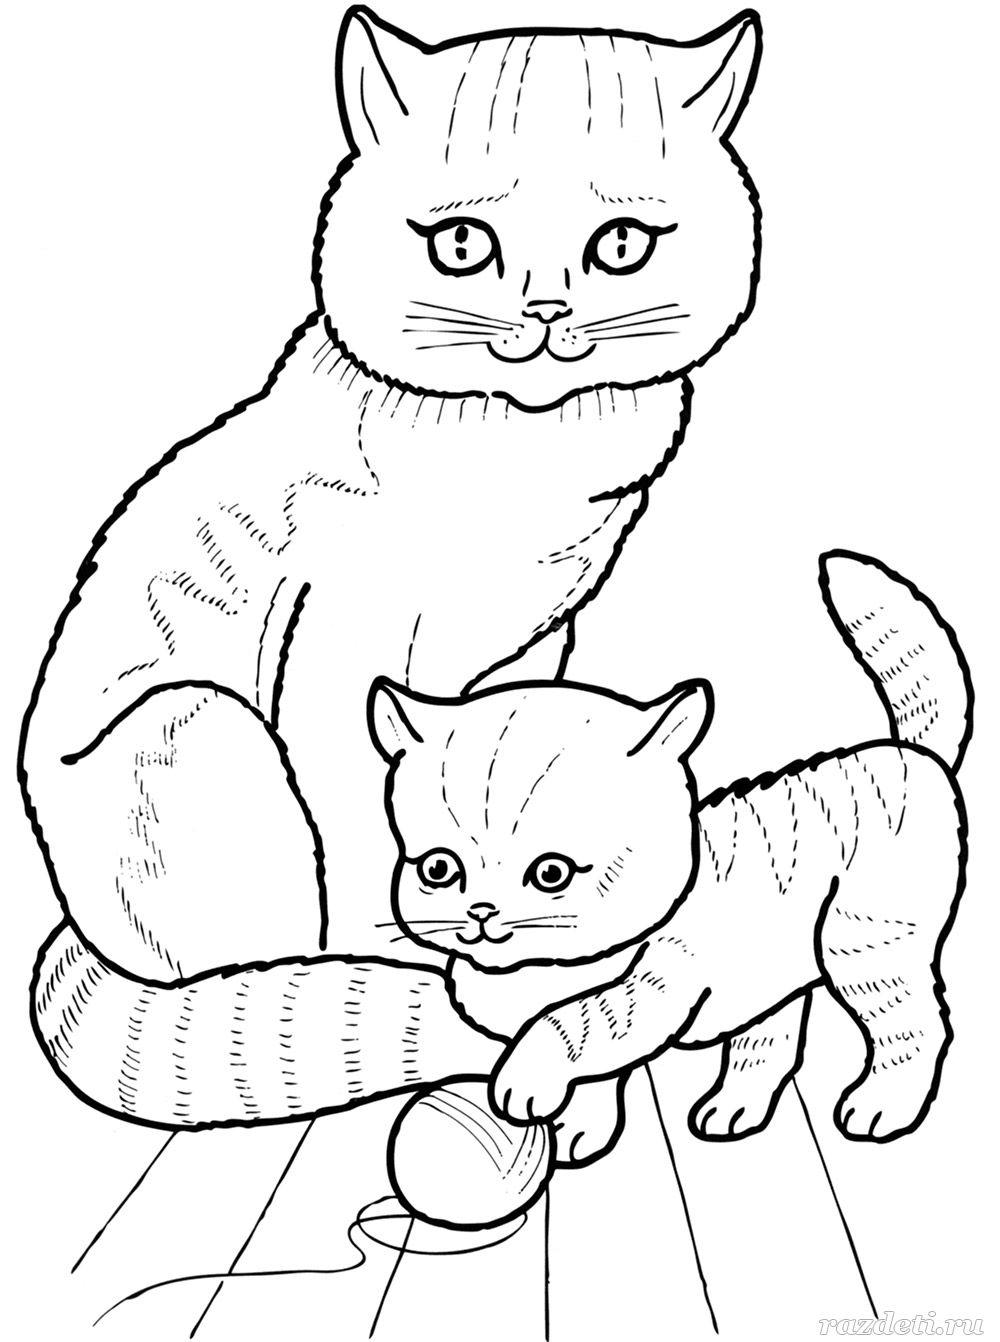 Кошка и котёнок. Раскраска для детей